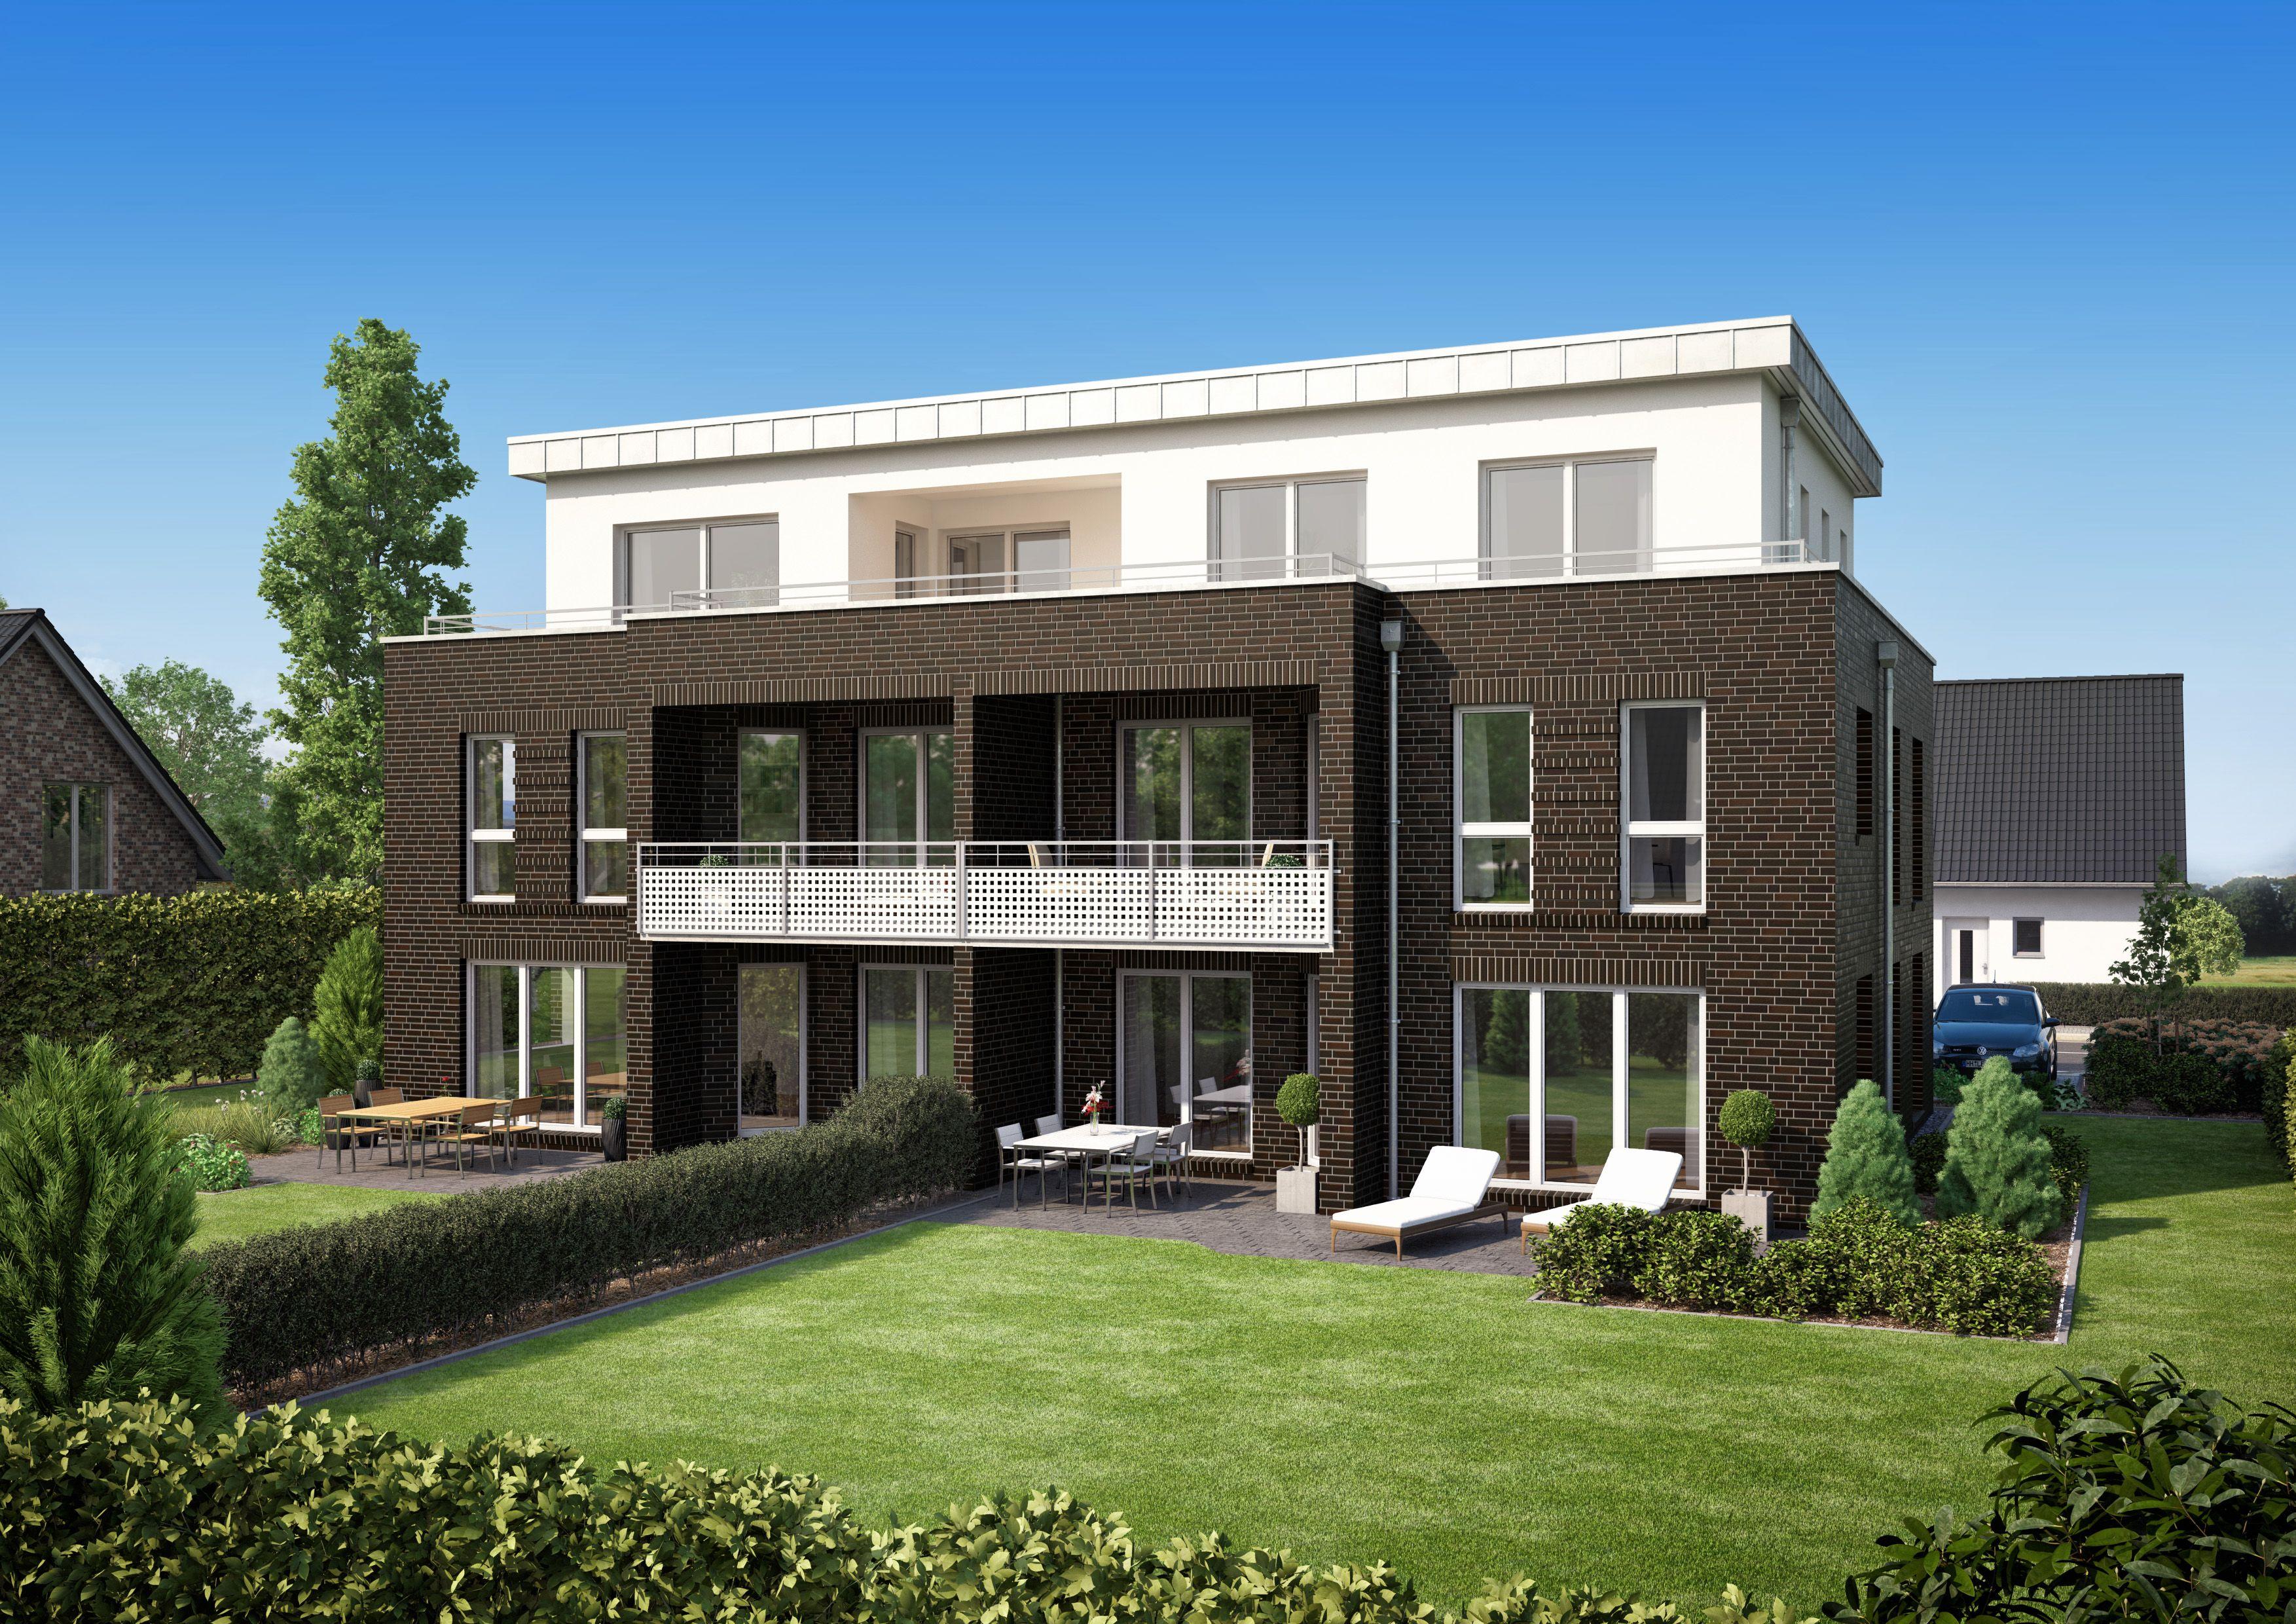 viebrockhaus mehrfamilienhaus mit f nf wohneinheiten haus pinterest viebrockhaus. Black Bedroom Furniture Sets. Home Design Ideas